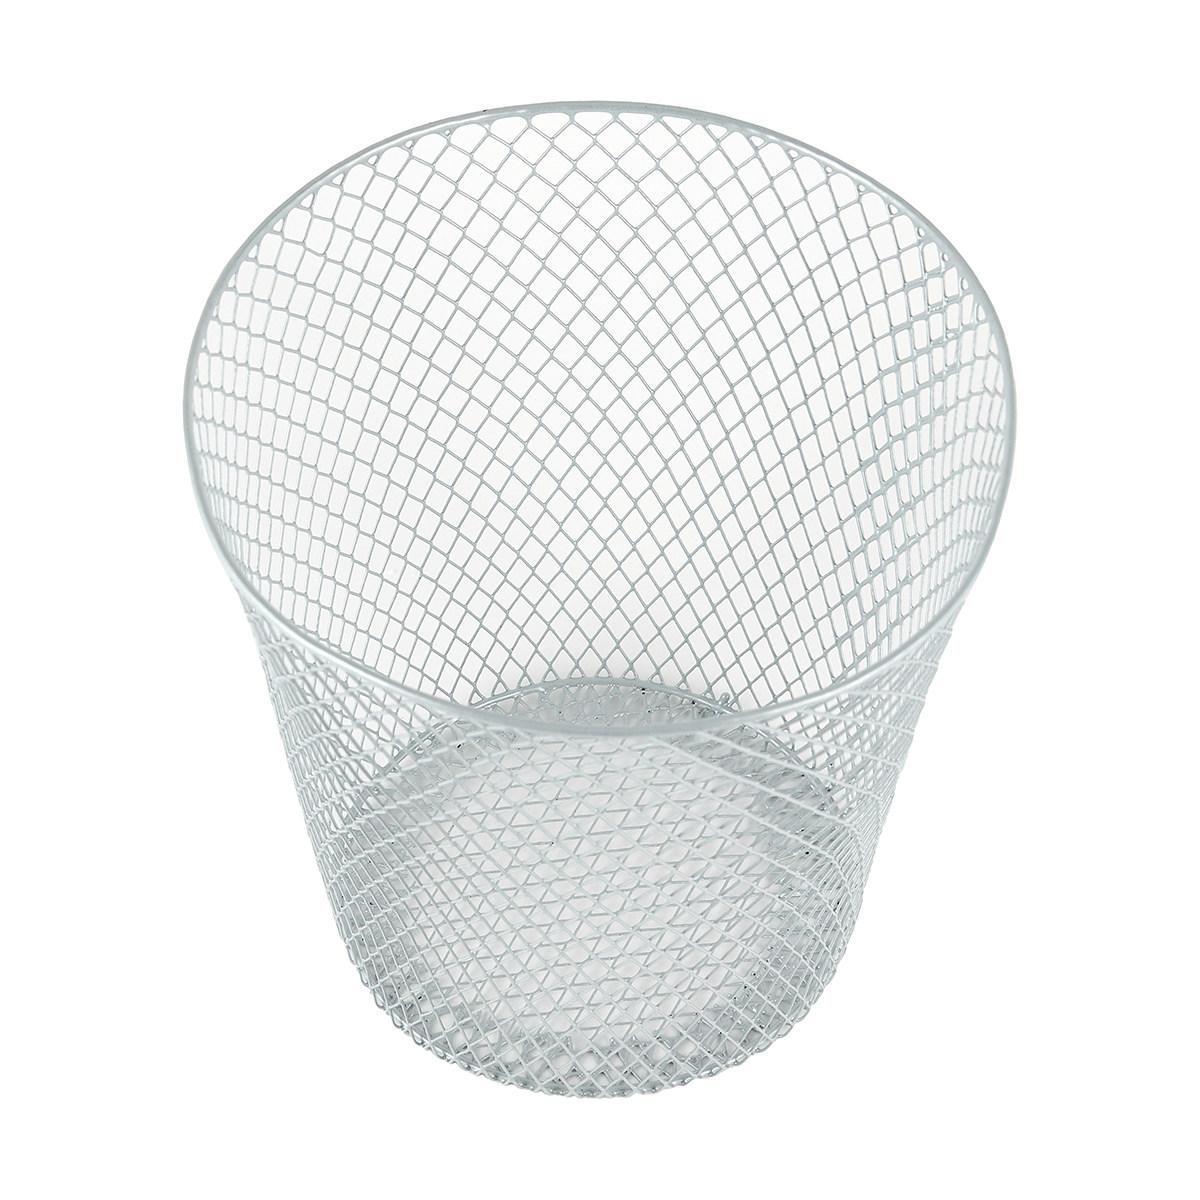 Wire Waste Basket Kmart